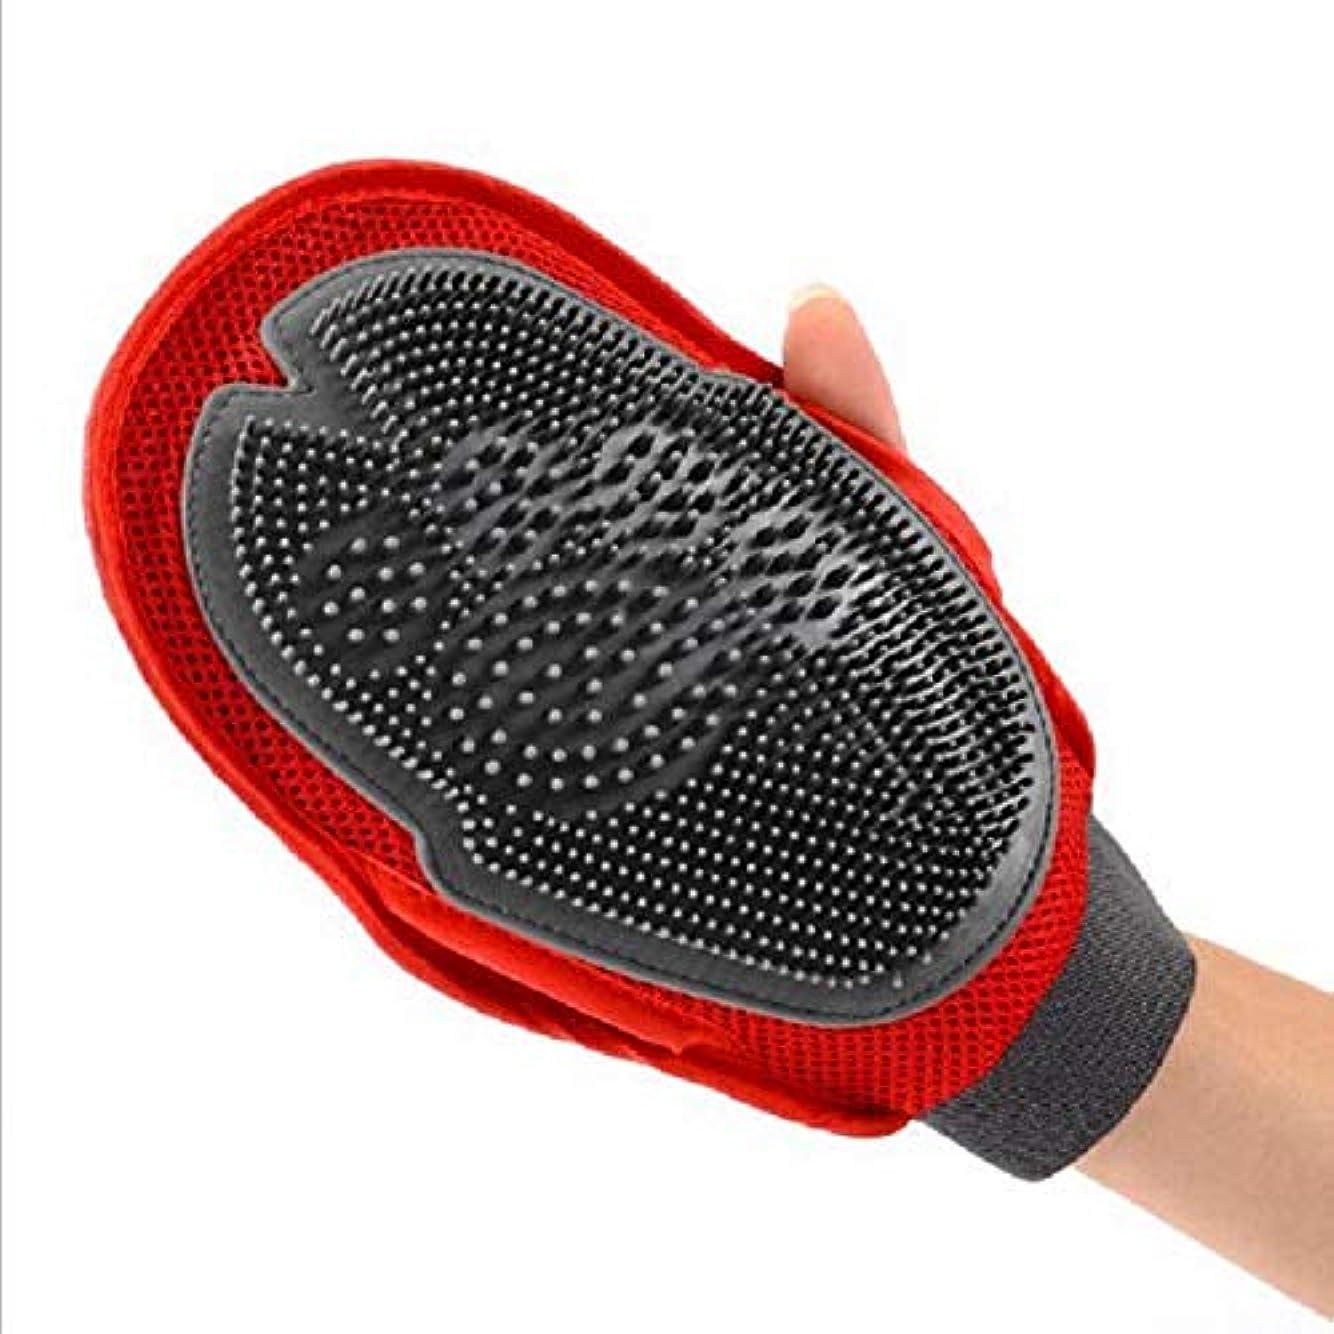 ええ同行保護BTXXYJP 手袋 ペット ブラシ 猫 ブラシ グローブ 耐摩耗 クリーナー 抜け毛取り マッサージブラシ 犬 グローブ お手入れ (Color : Red, Size : L)